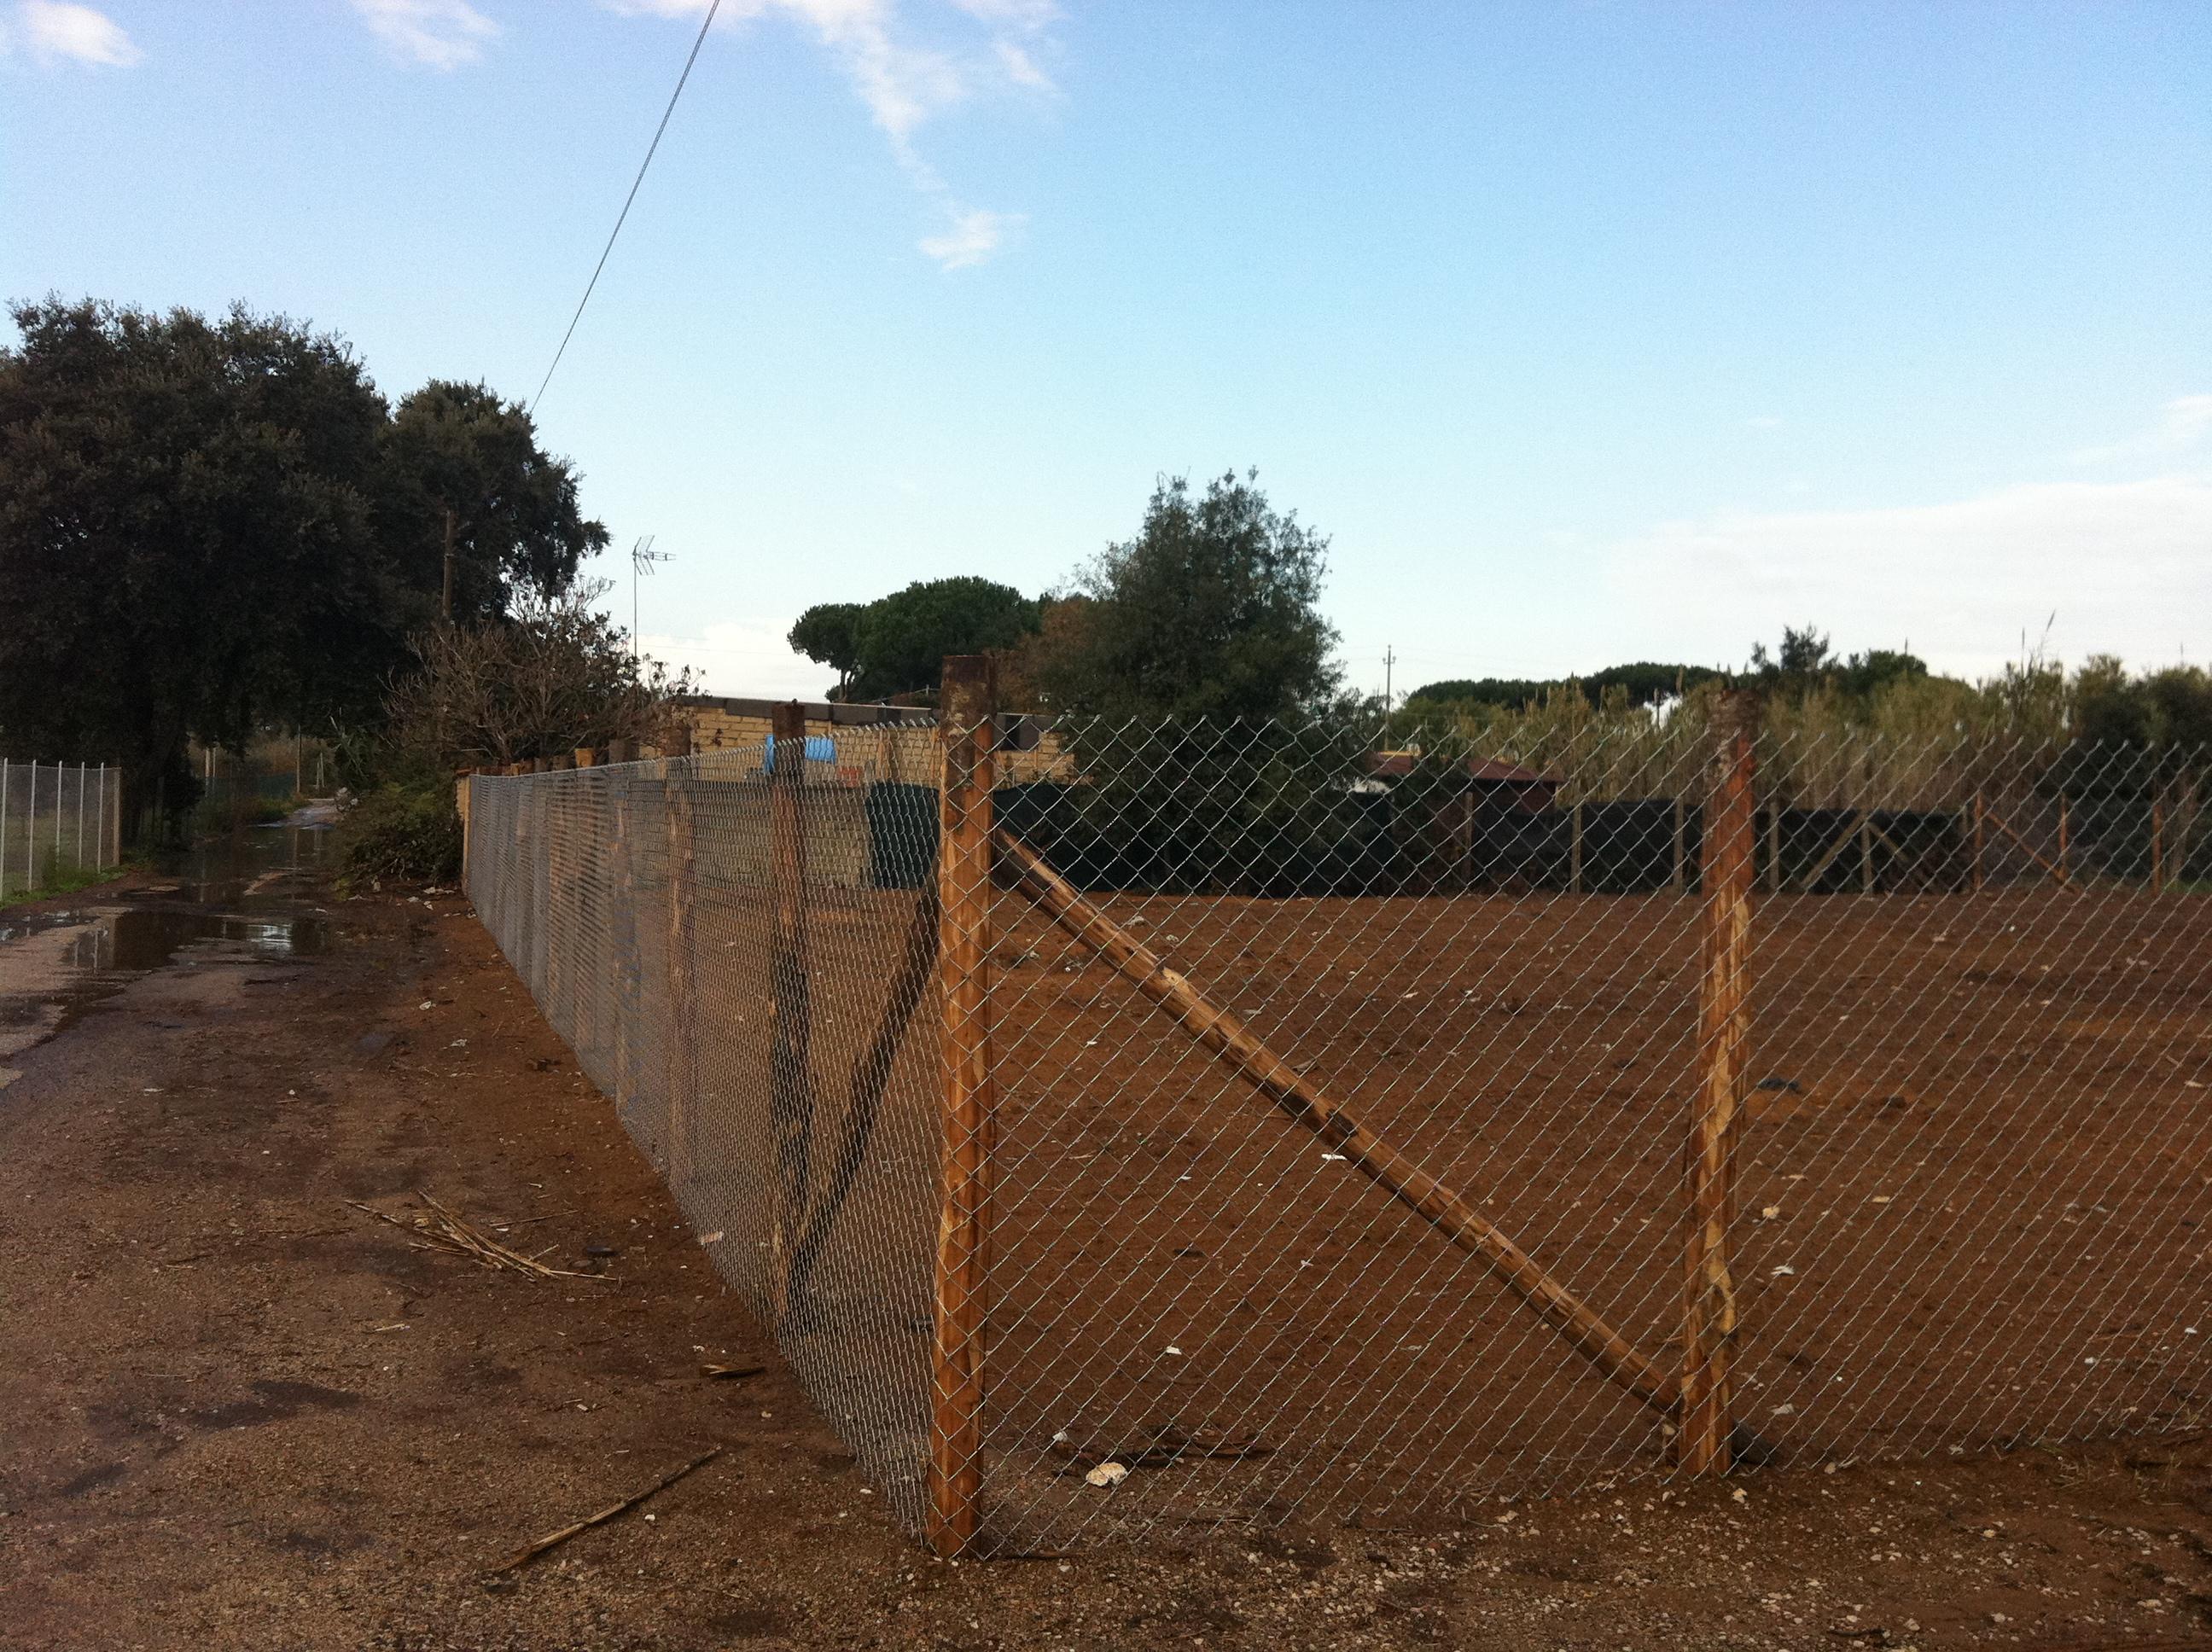 Autorizzazione per recinzione terreno agricolo